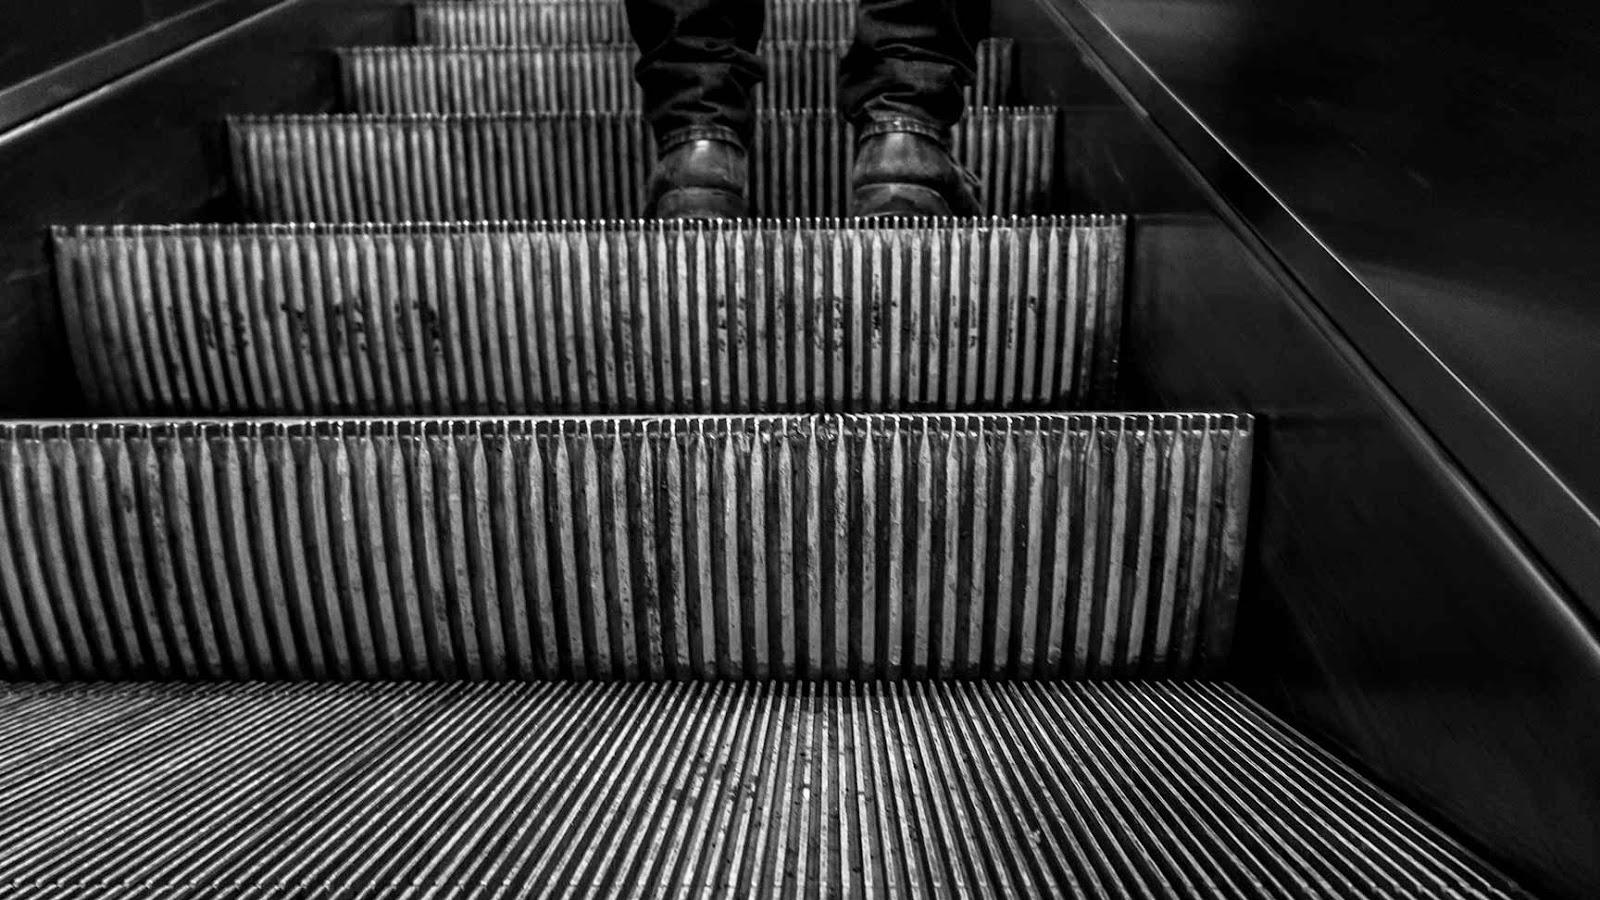 Rolltreppe - Bild zum Gedicht Titel: 40 von Benjamin Damm